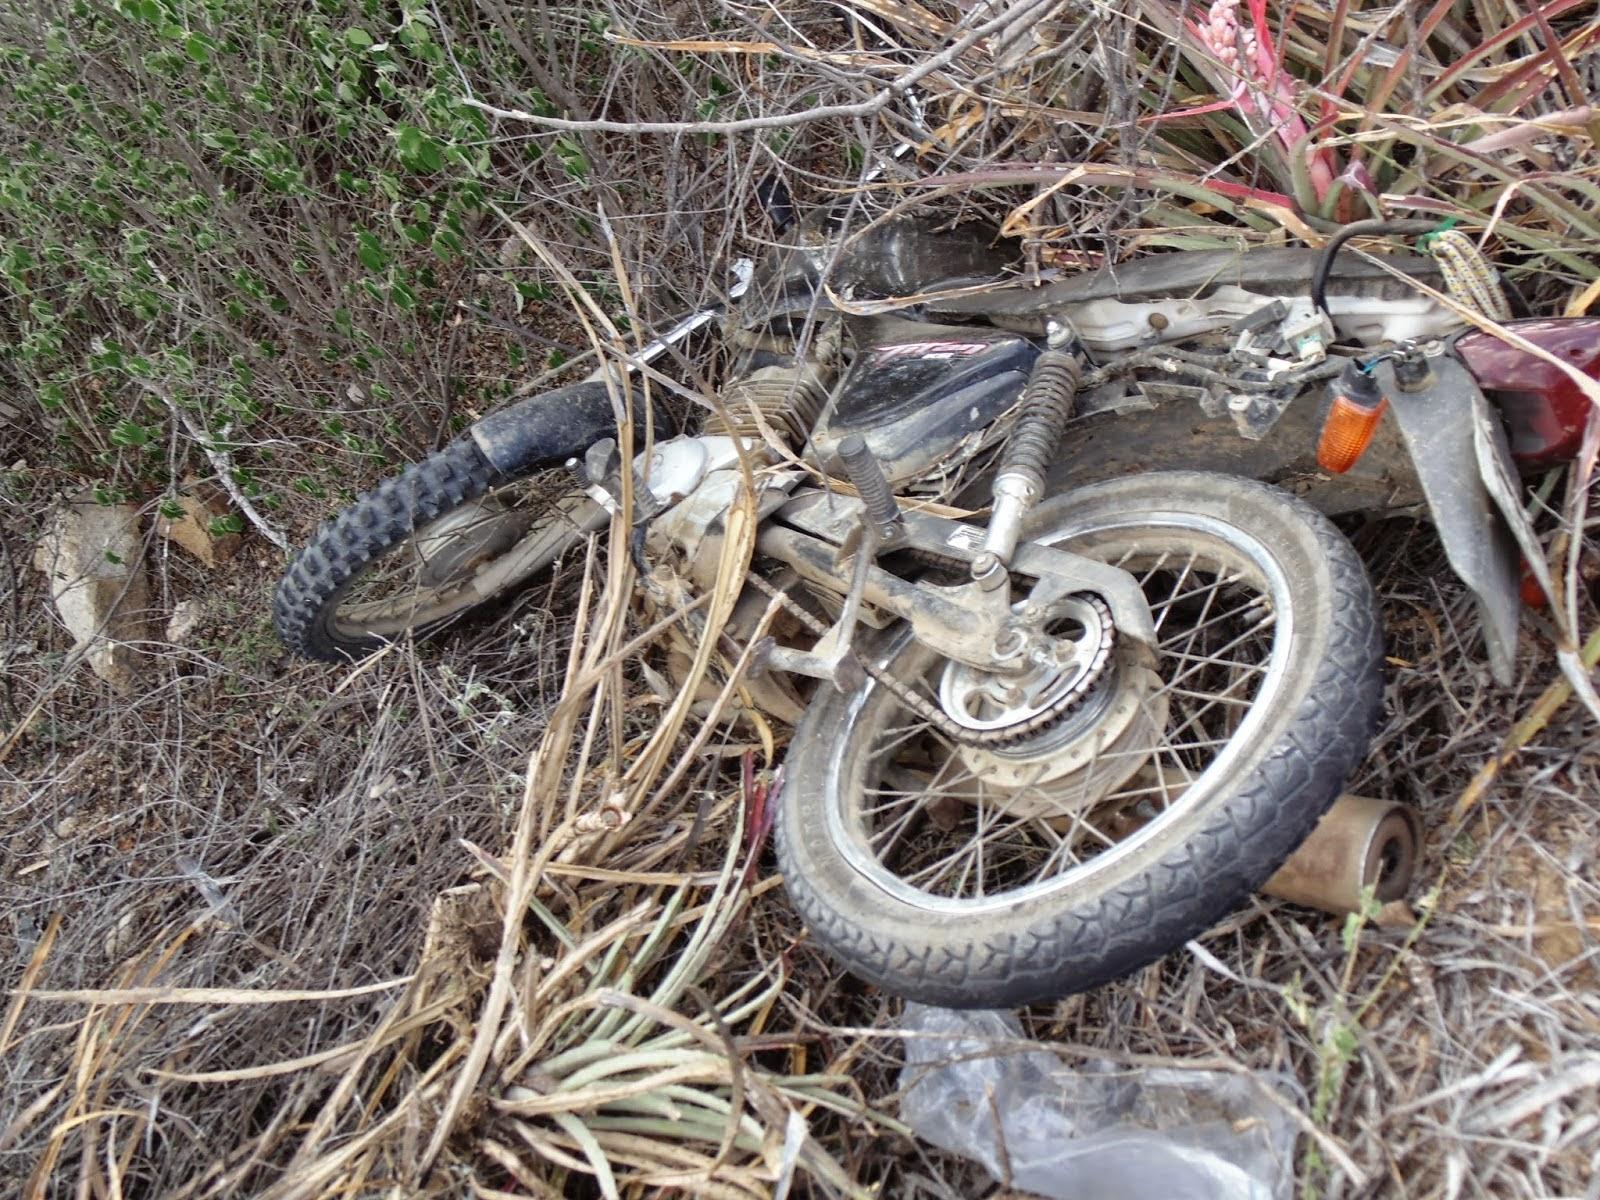 BLOG DO ELISBERTO COSTA: Jovem morre em trágico acidente